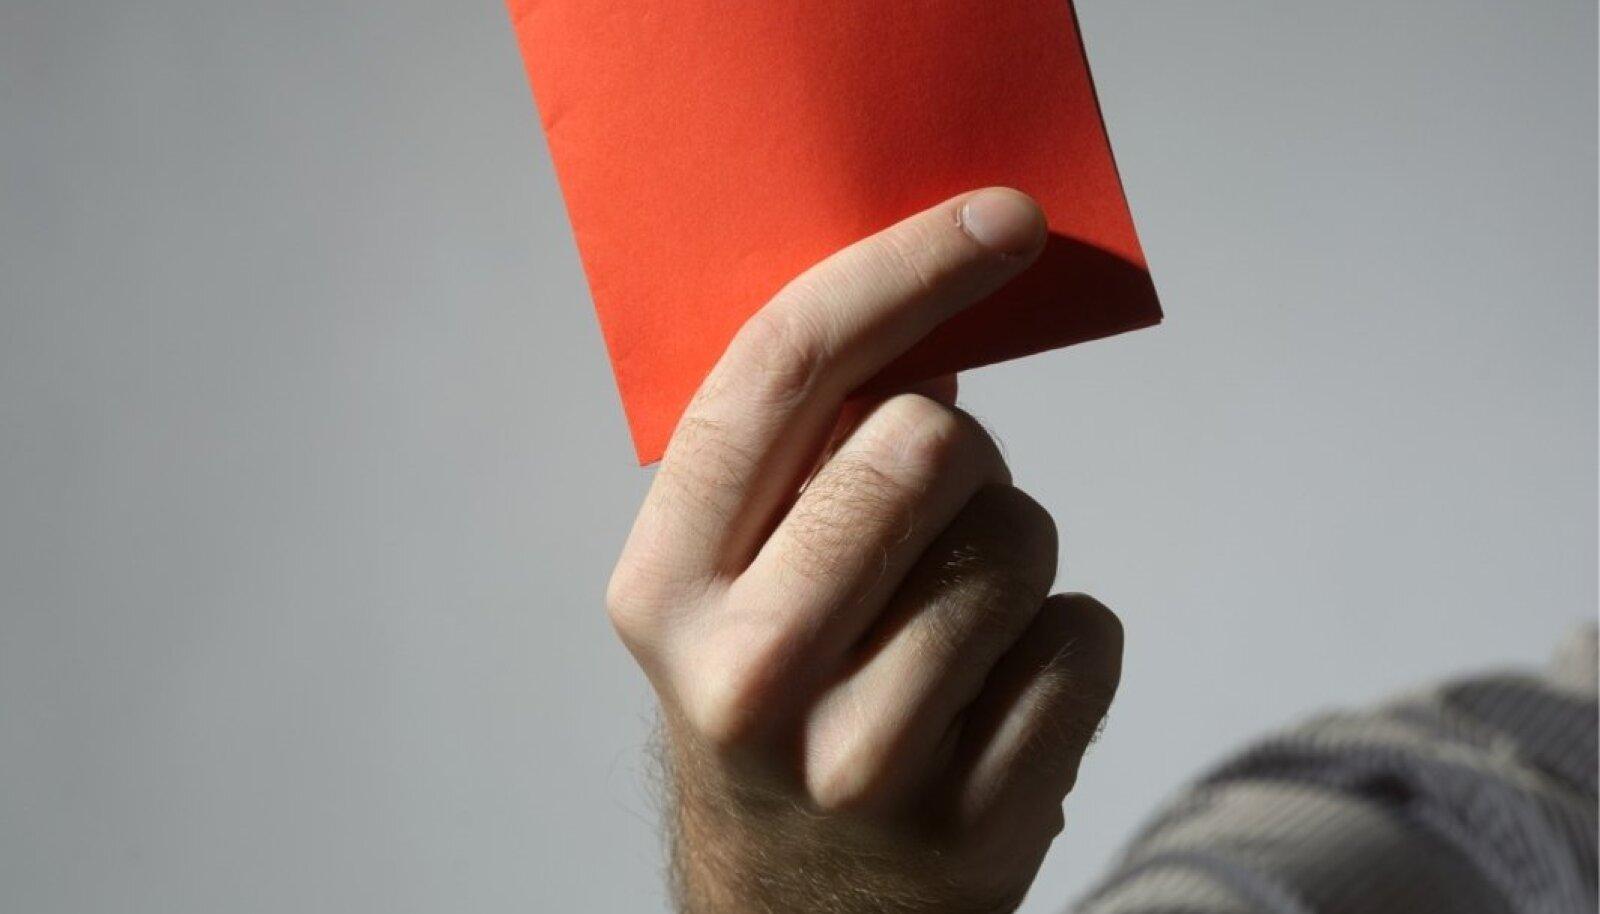 Käsi punase kaardiga